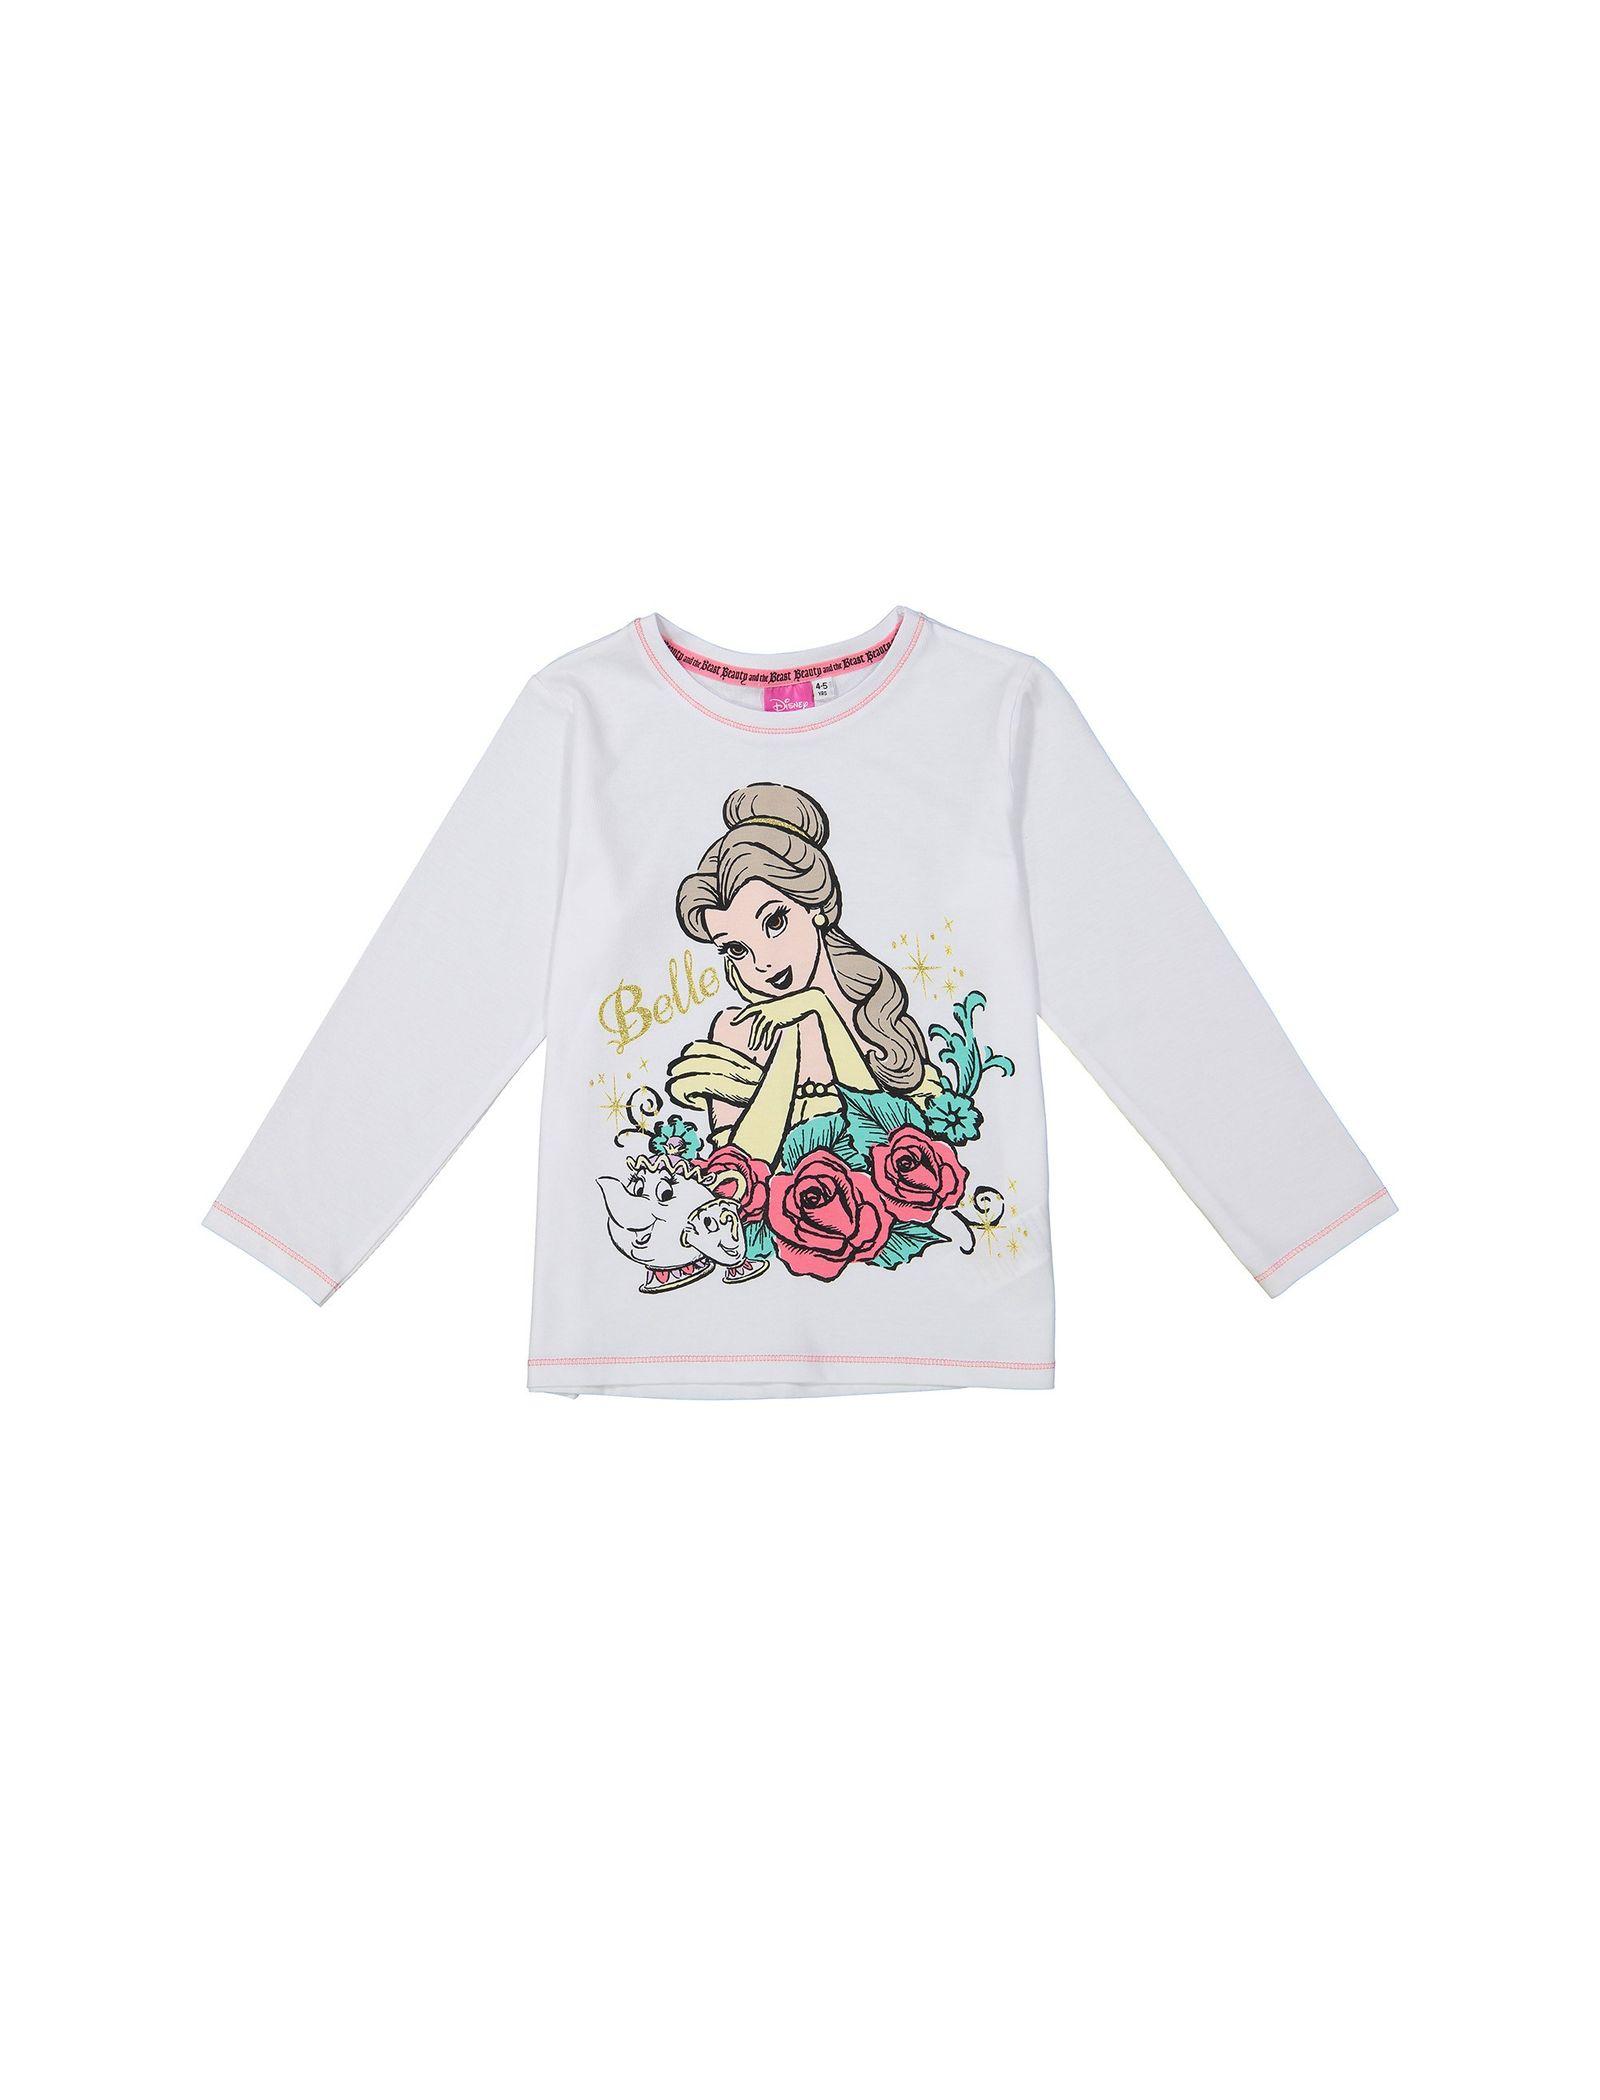 تی شرت و شلوار راحتی نخی دخترانه - دبنهامز - سفيد/صورتي - 2